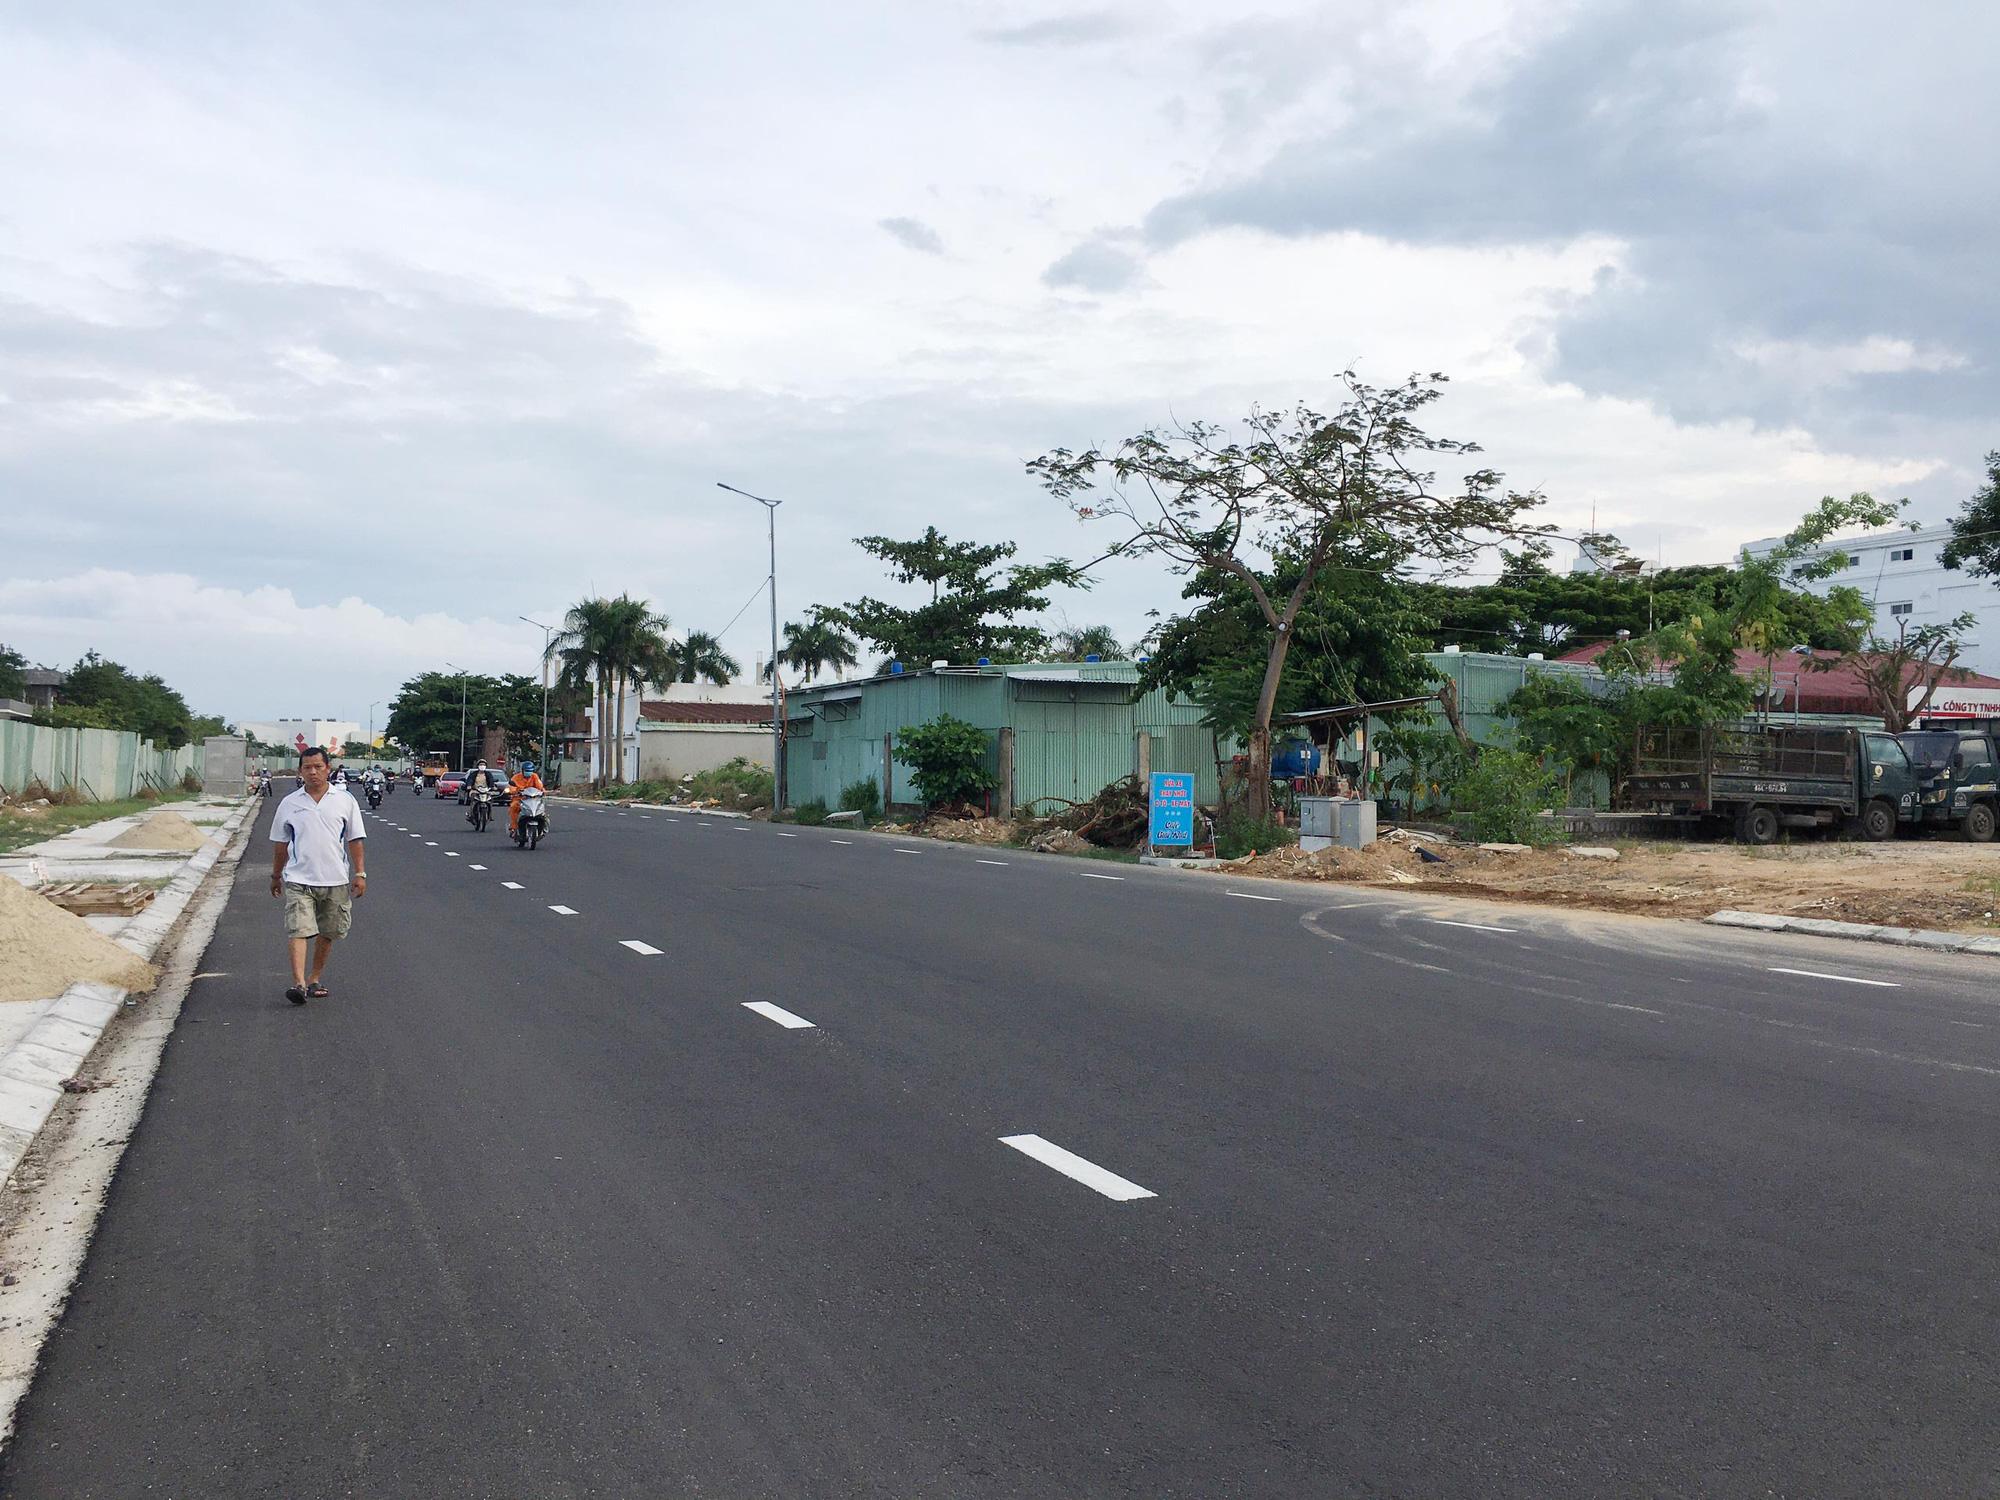 Cầu vượt đường 2 tháng 9 Đà Nẵng thành hình sau 15 tháng thi công - Ảnh 14.